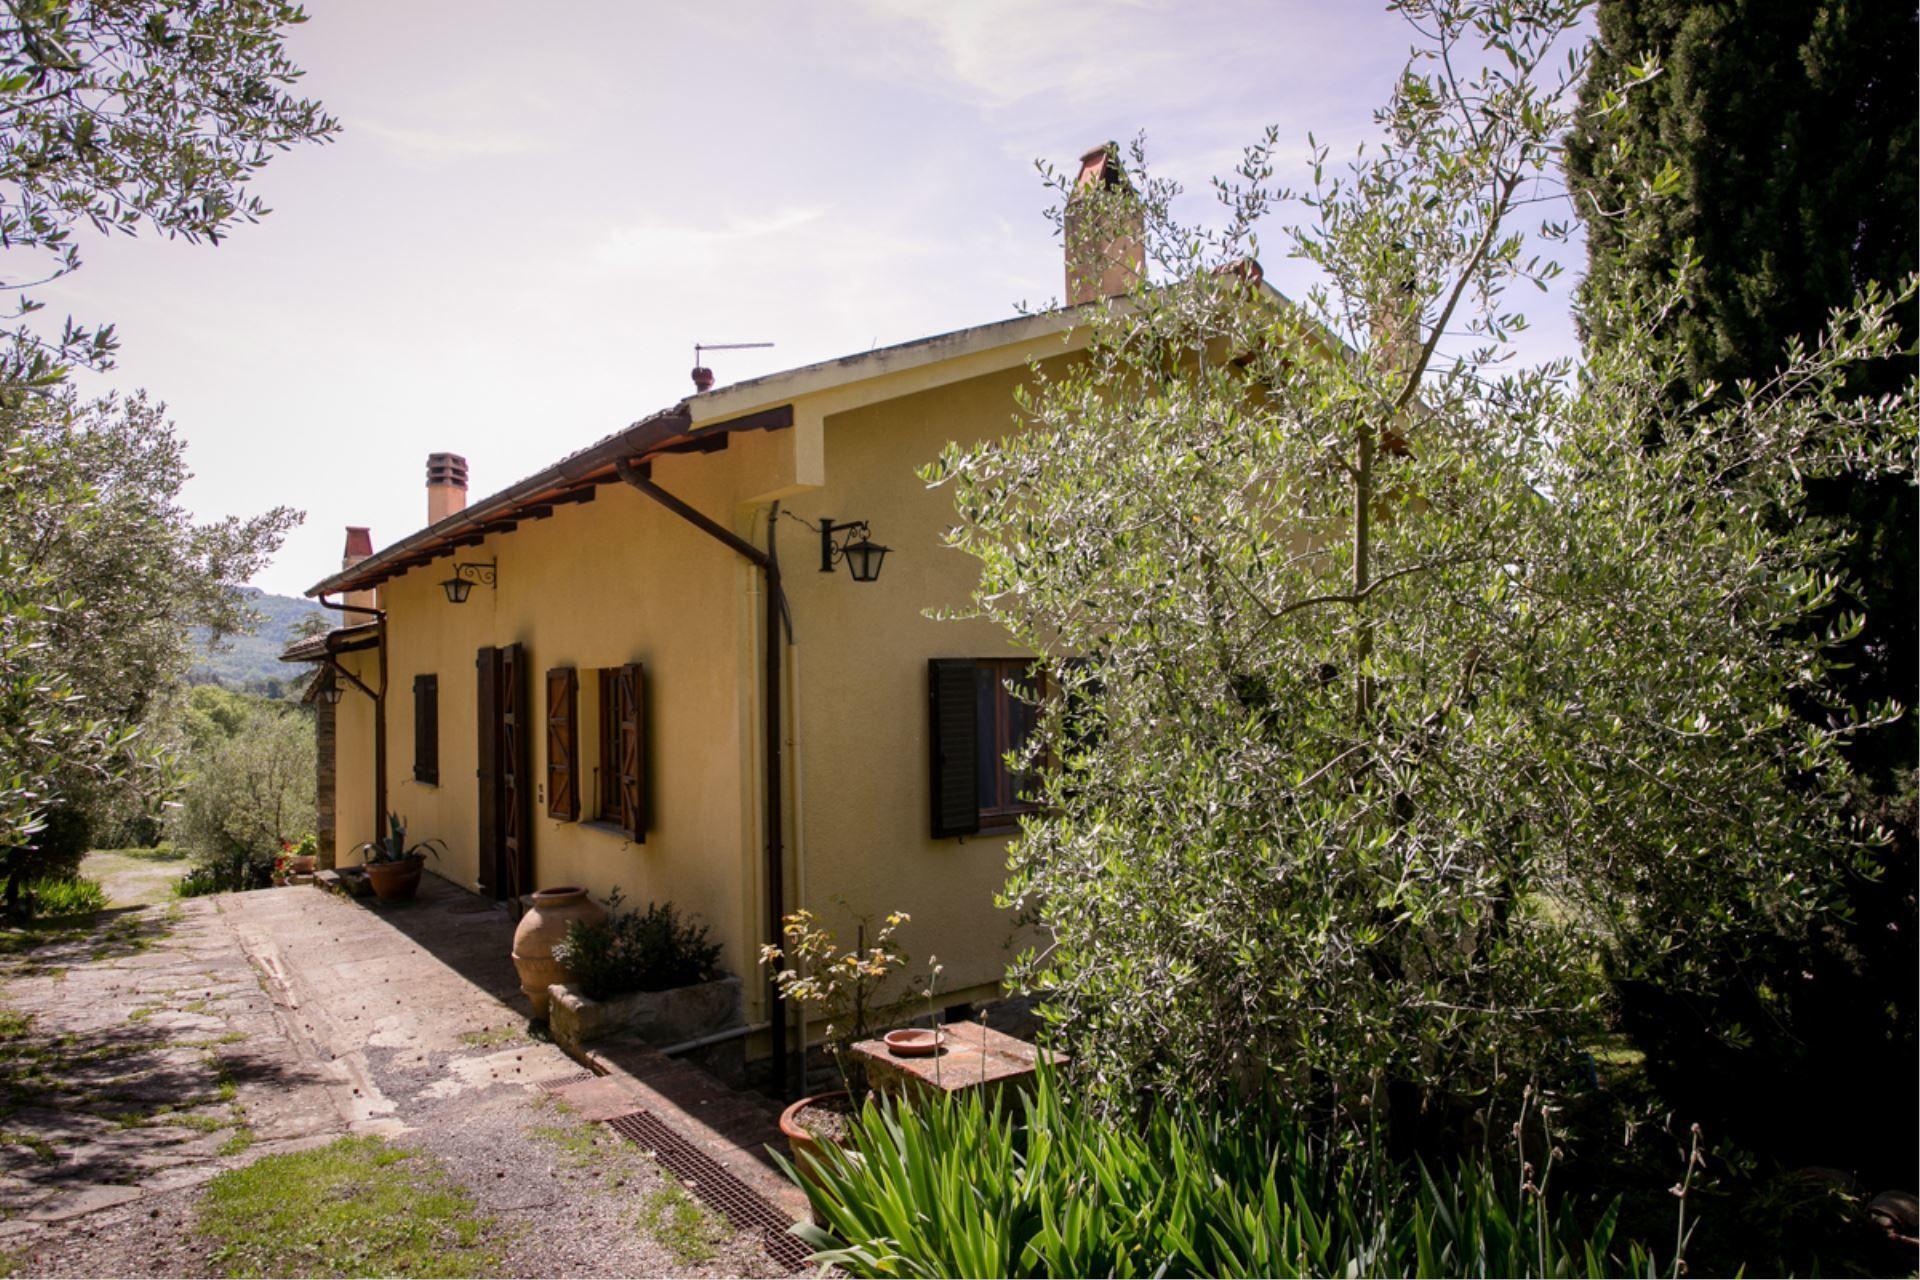 Il condottiero casa vacanze con 11 posti letto in 4 for Branson cabin rentals 4 camere da letto